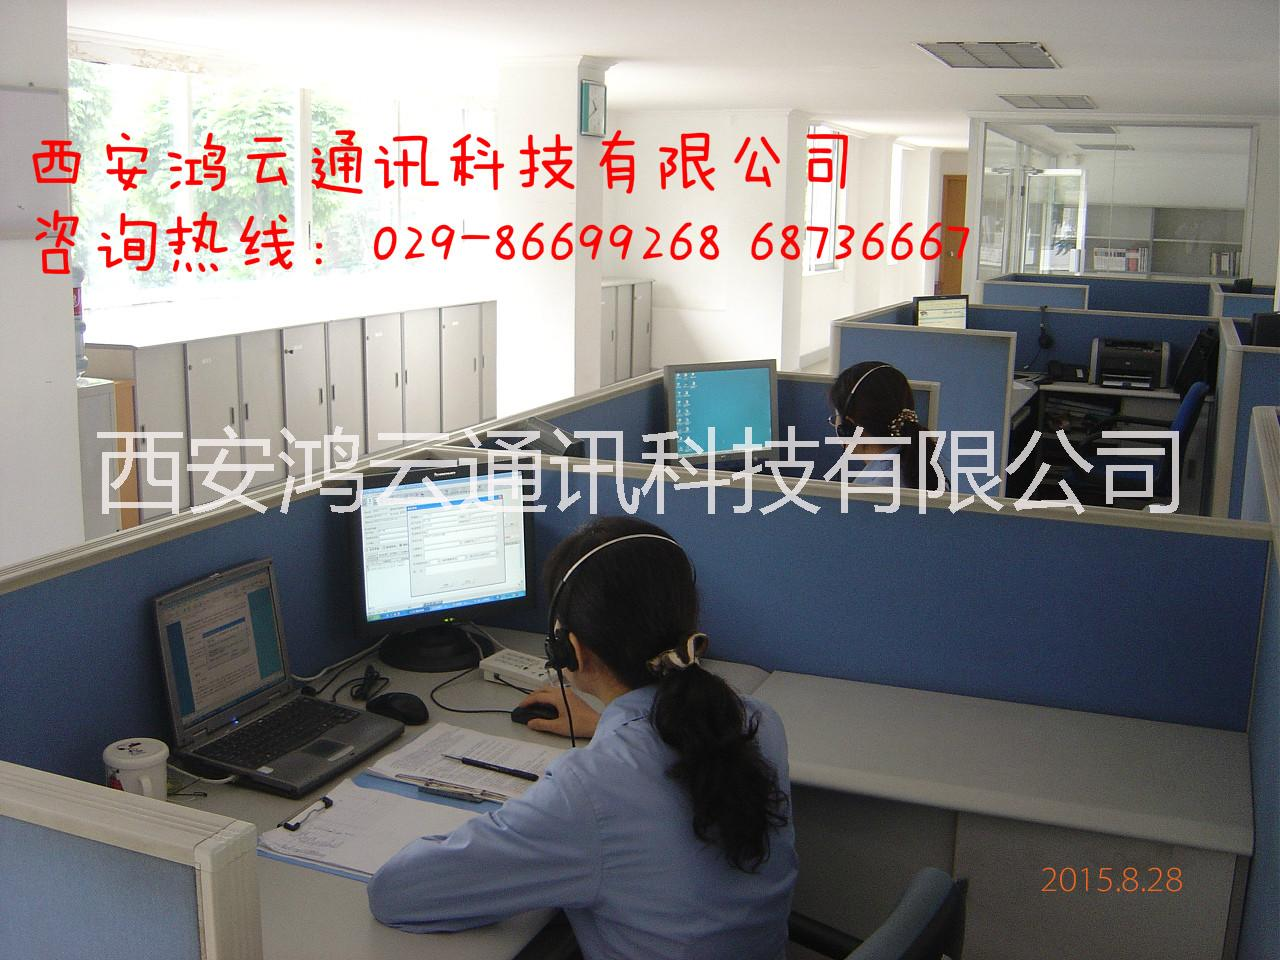 供应研科客户管理系统呼叫中心录音系统图片